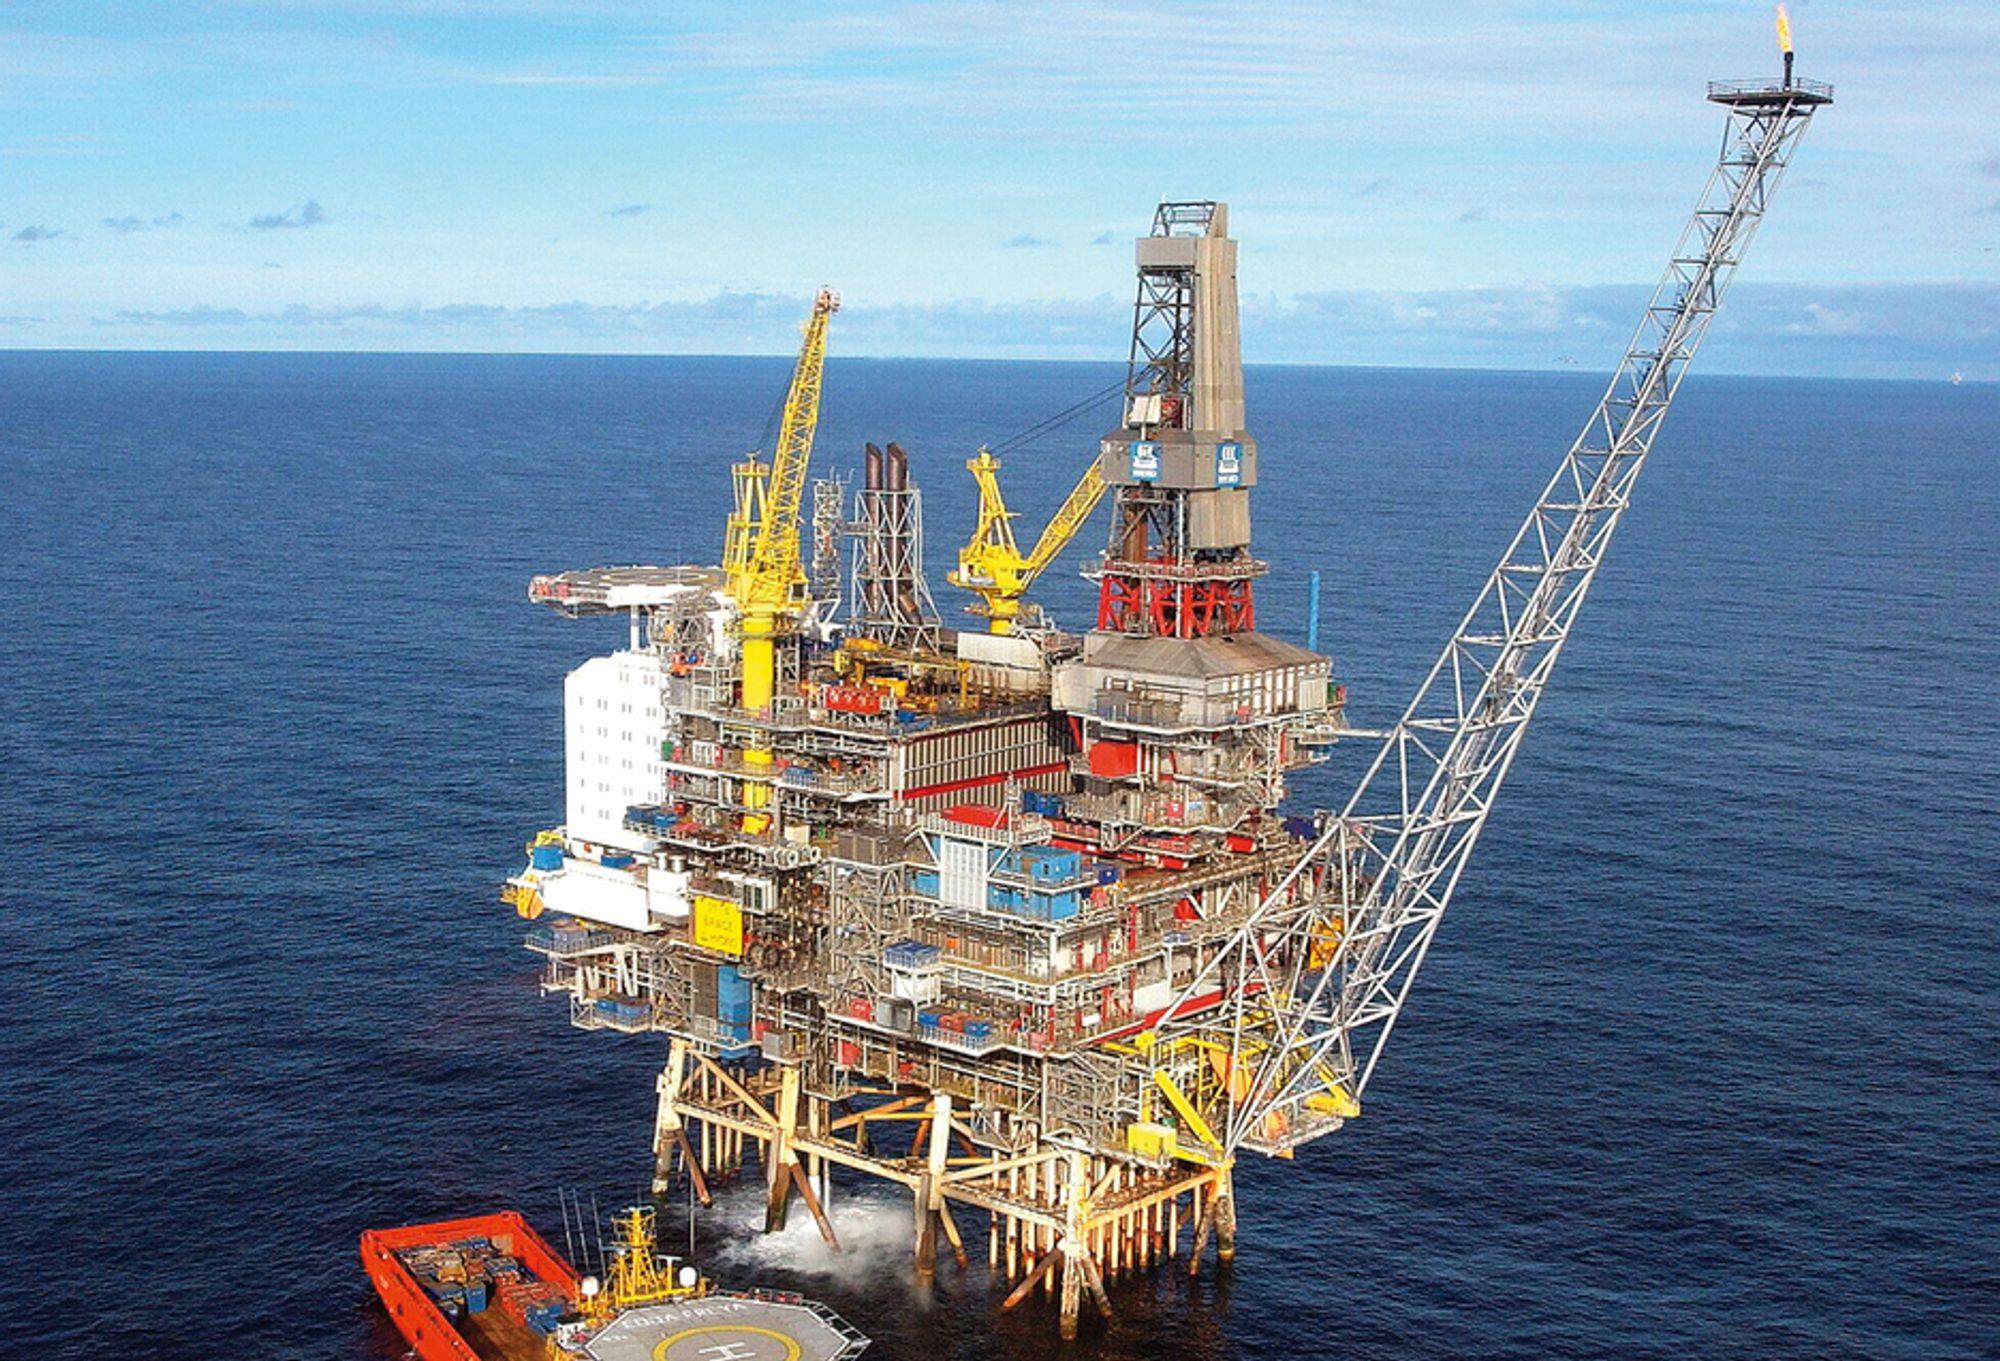 UENIGHET: Statoil hevder at det ikke er gjort nye alvorlige korrosjonsfunn på Brage. De ansatte er av en annen oppfatning.